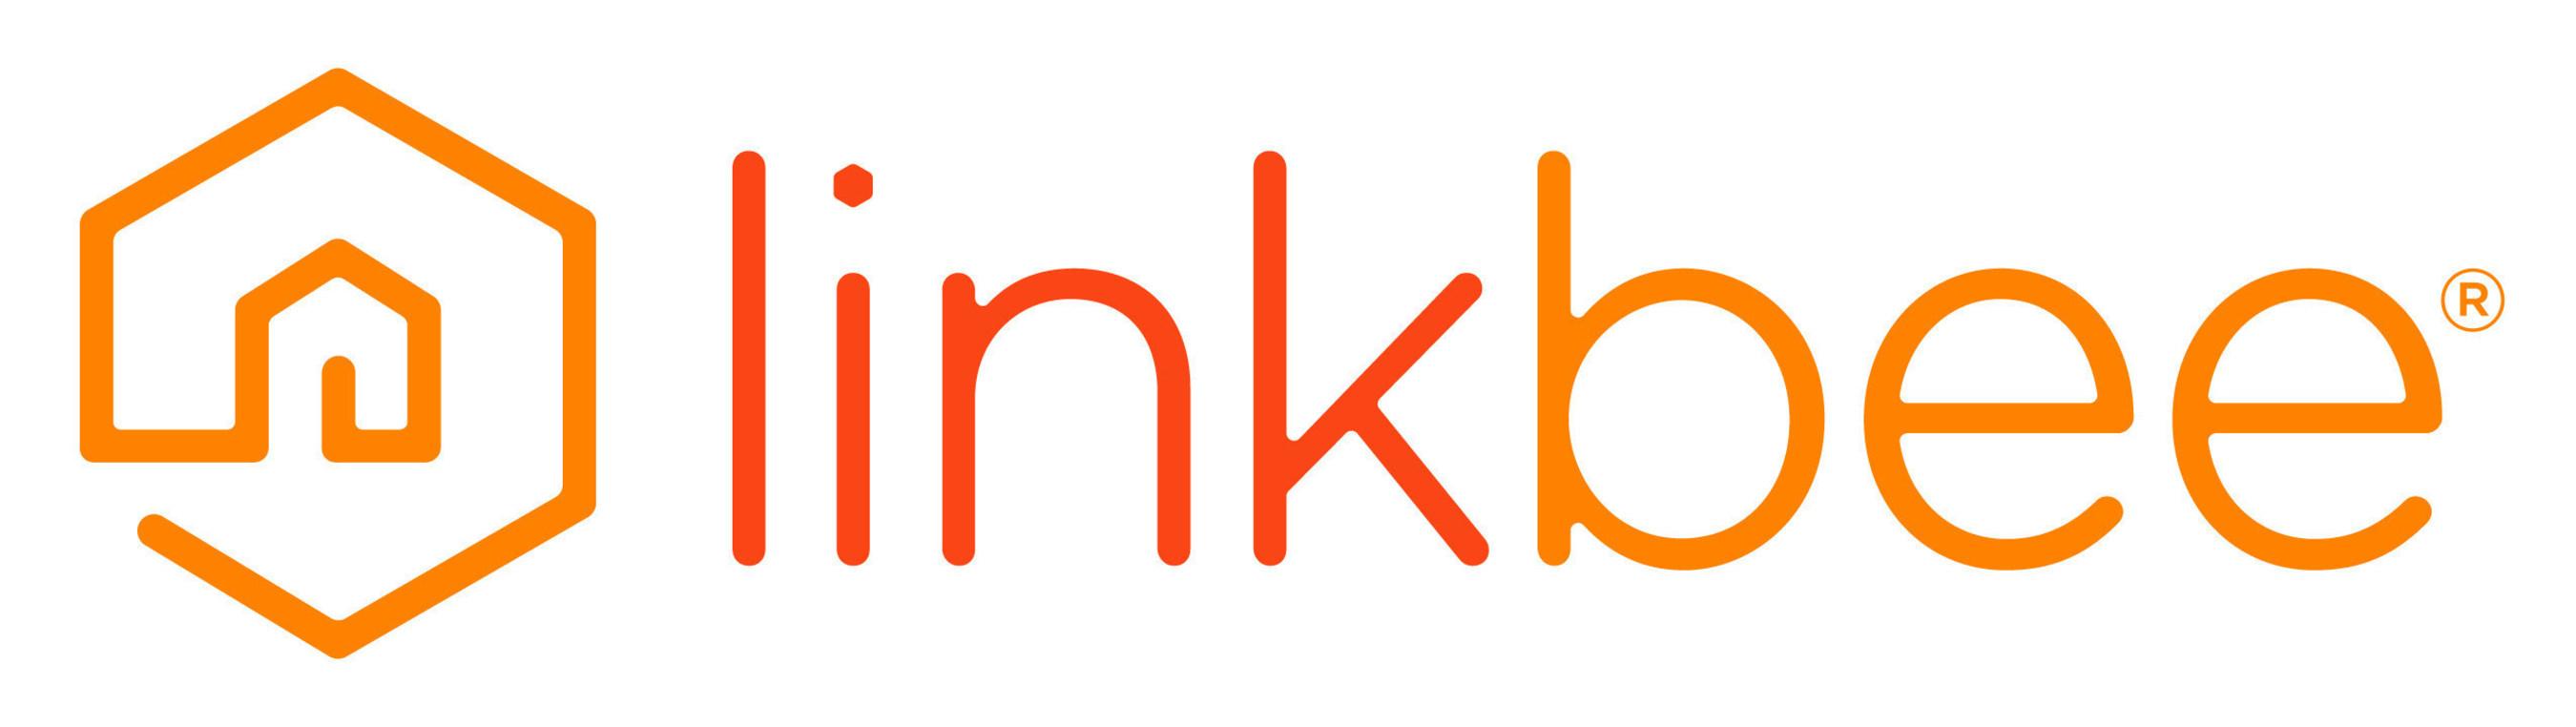 LinkBee Logo